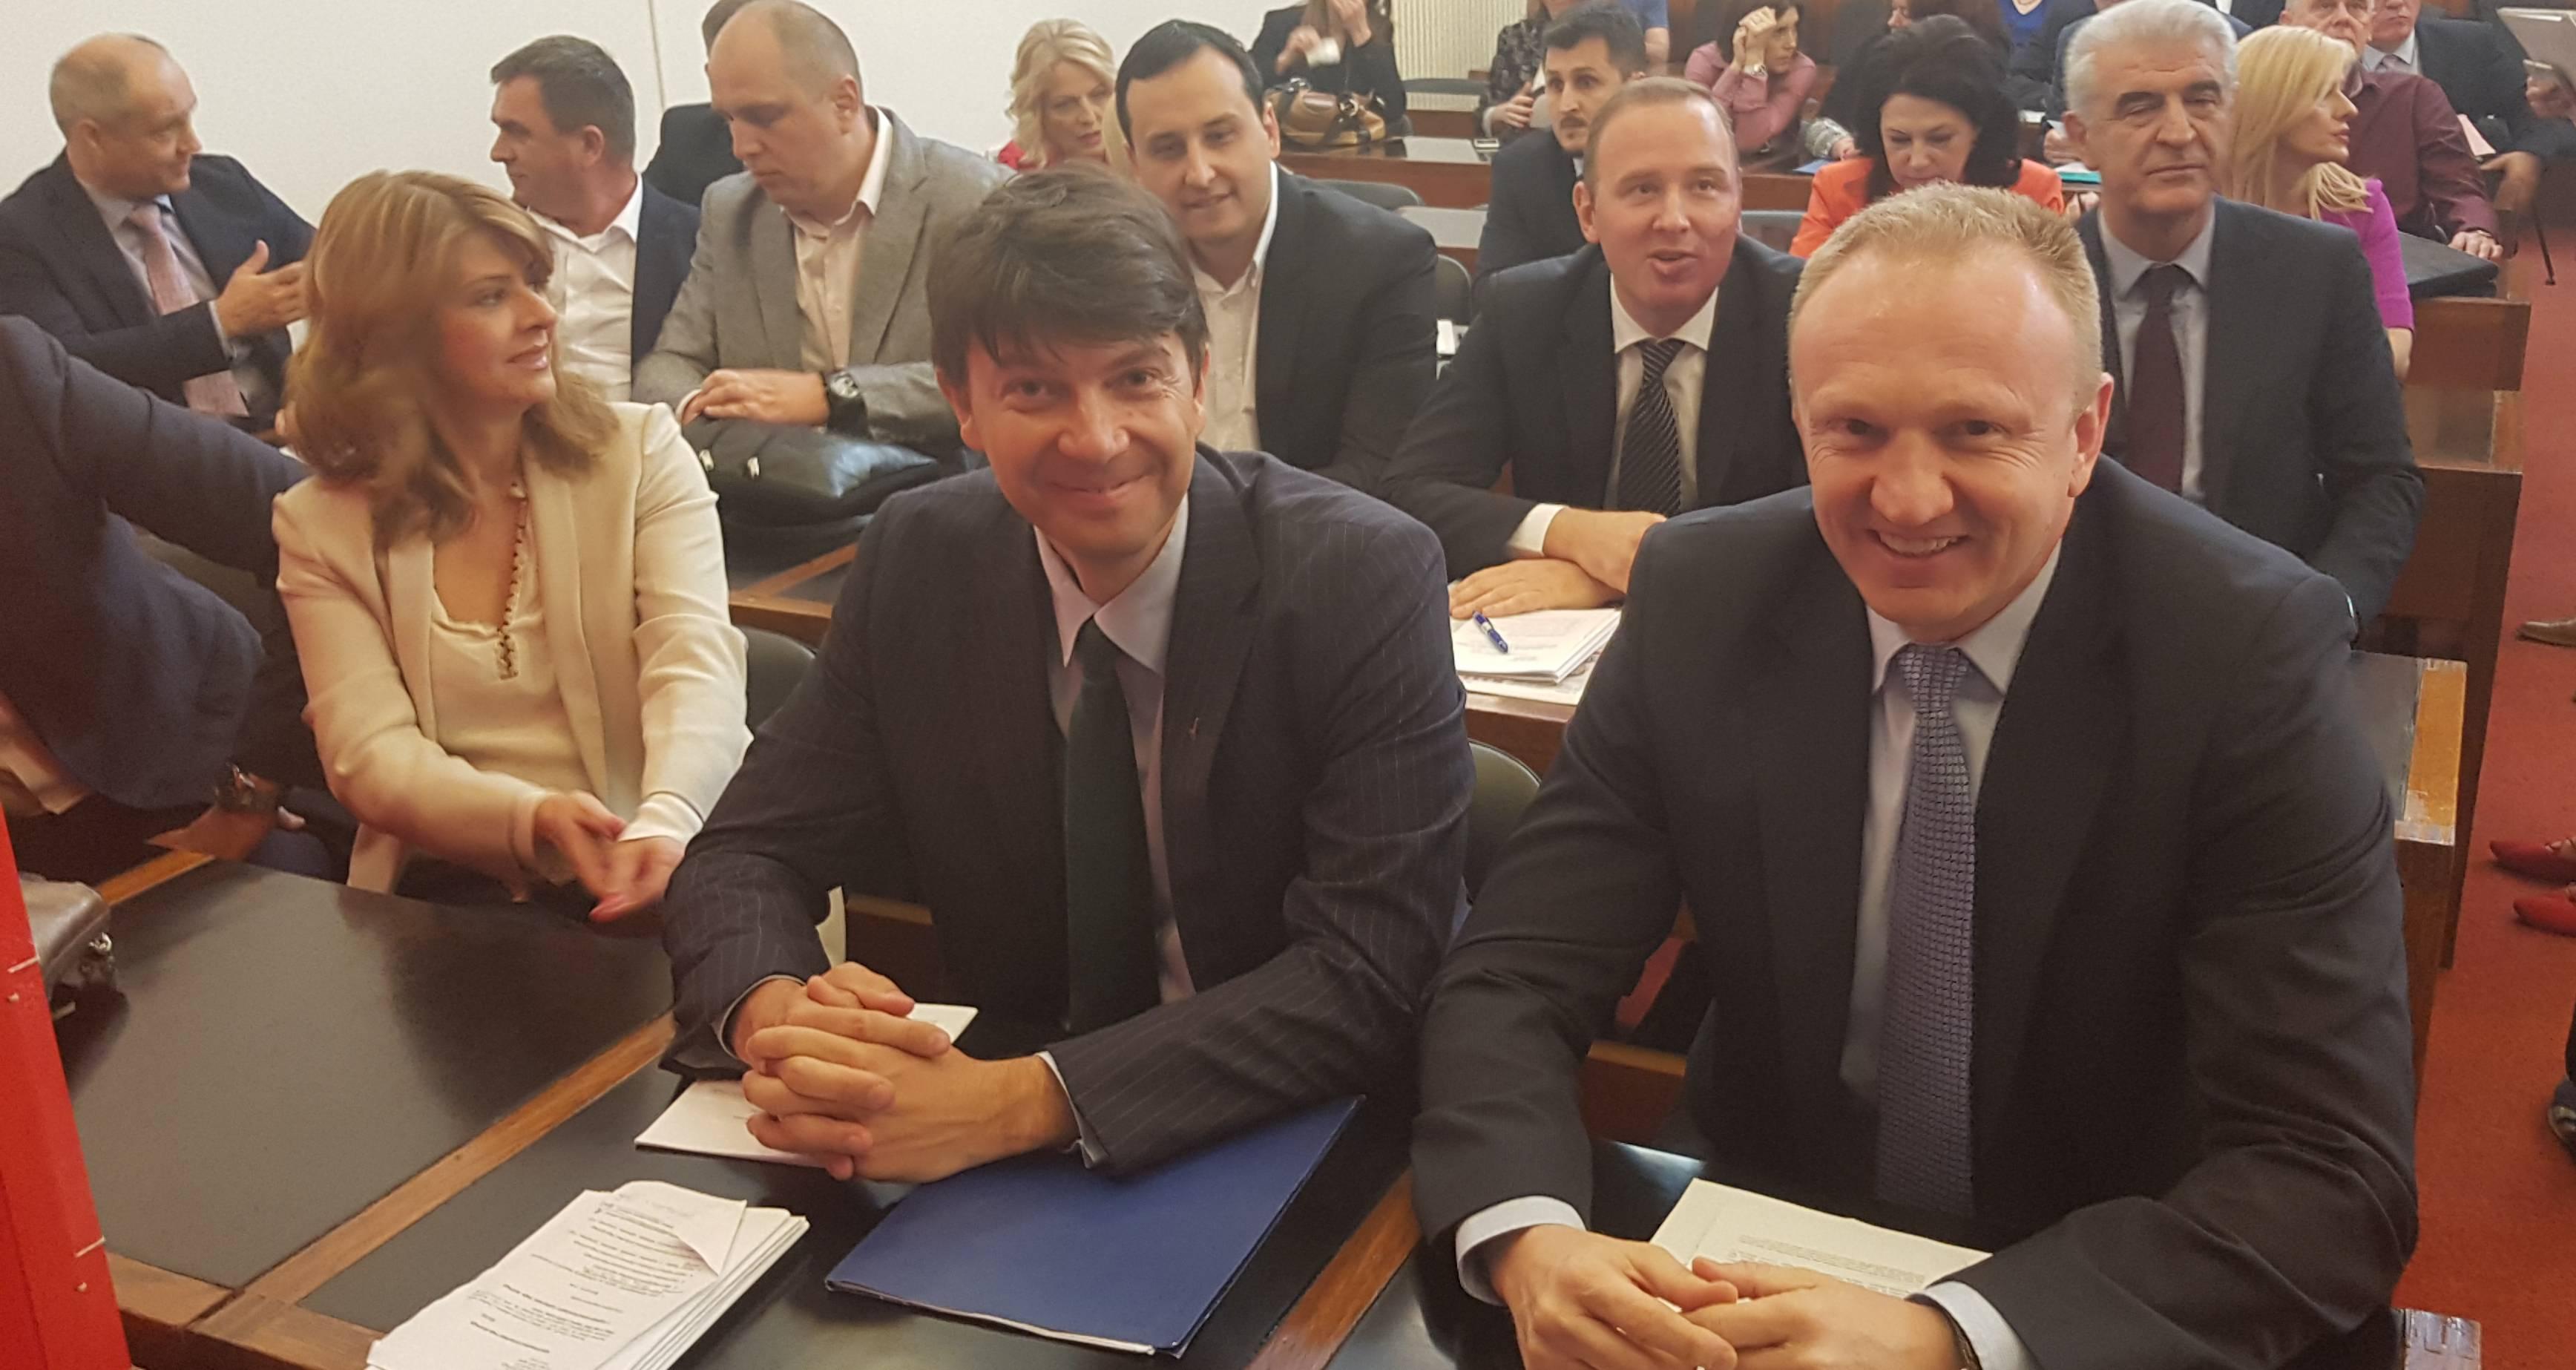 Савез за Србију: Весић је градоначелник из сенке, сраман тим Зорана Радојичића